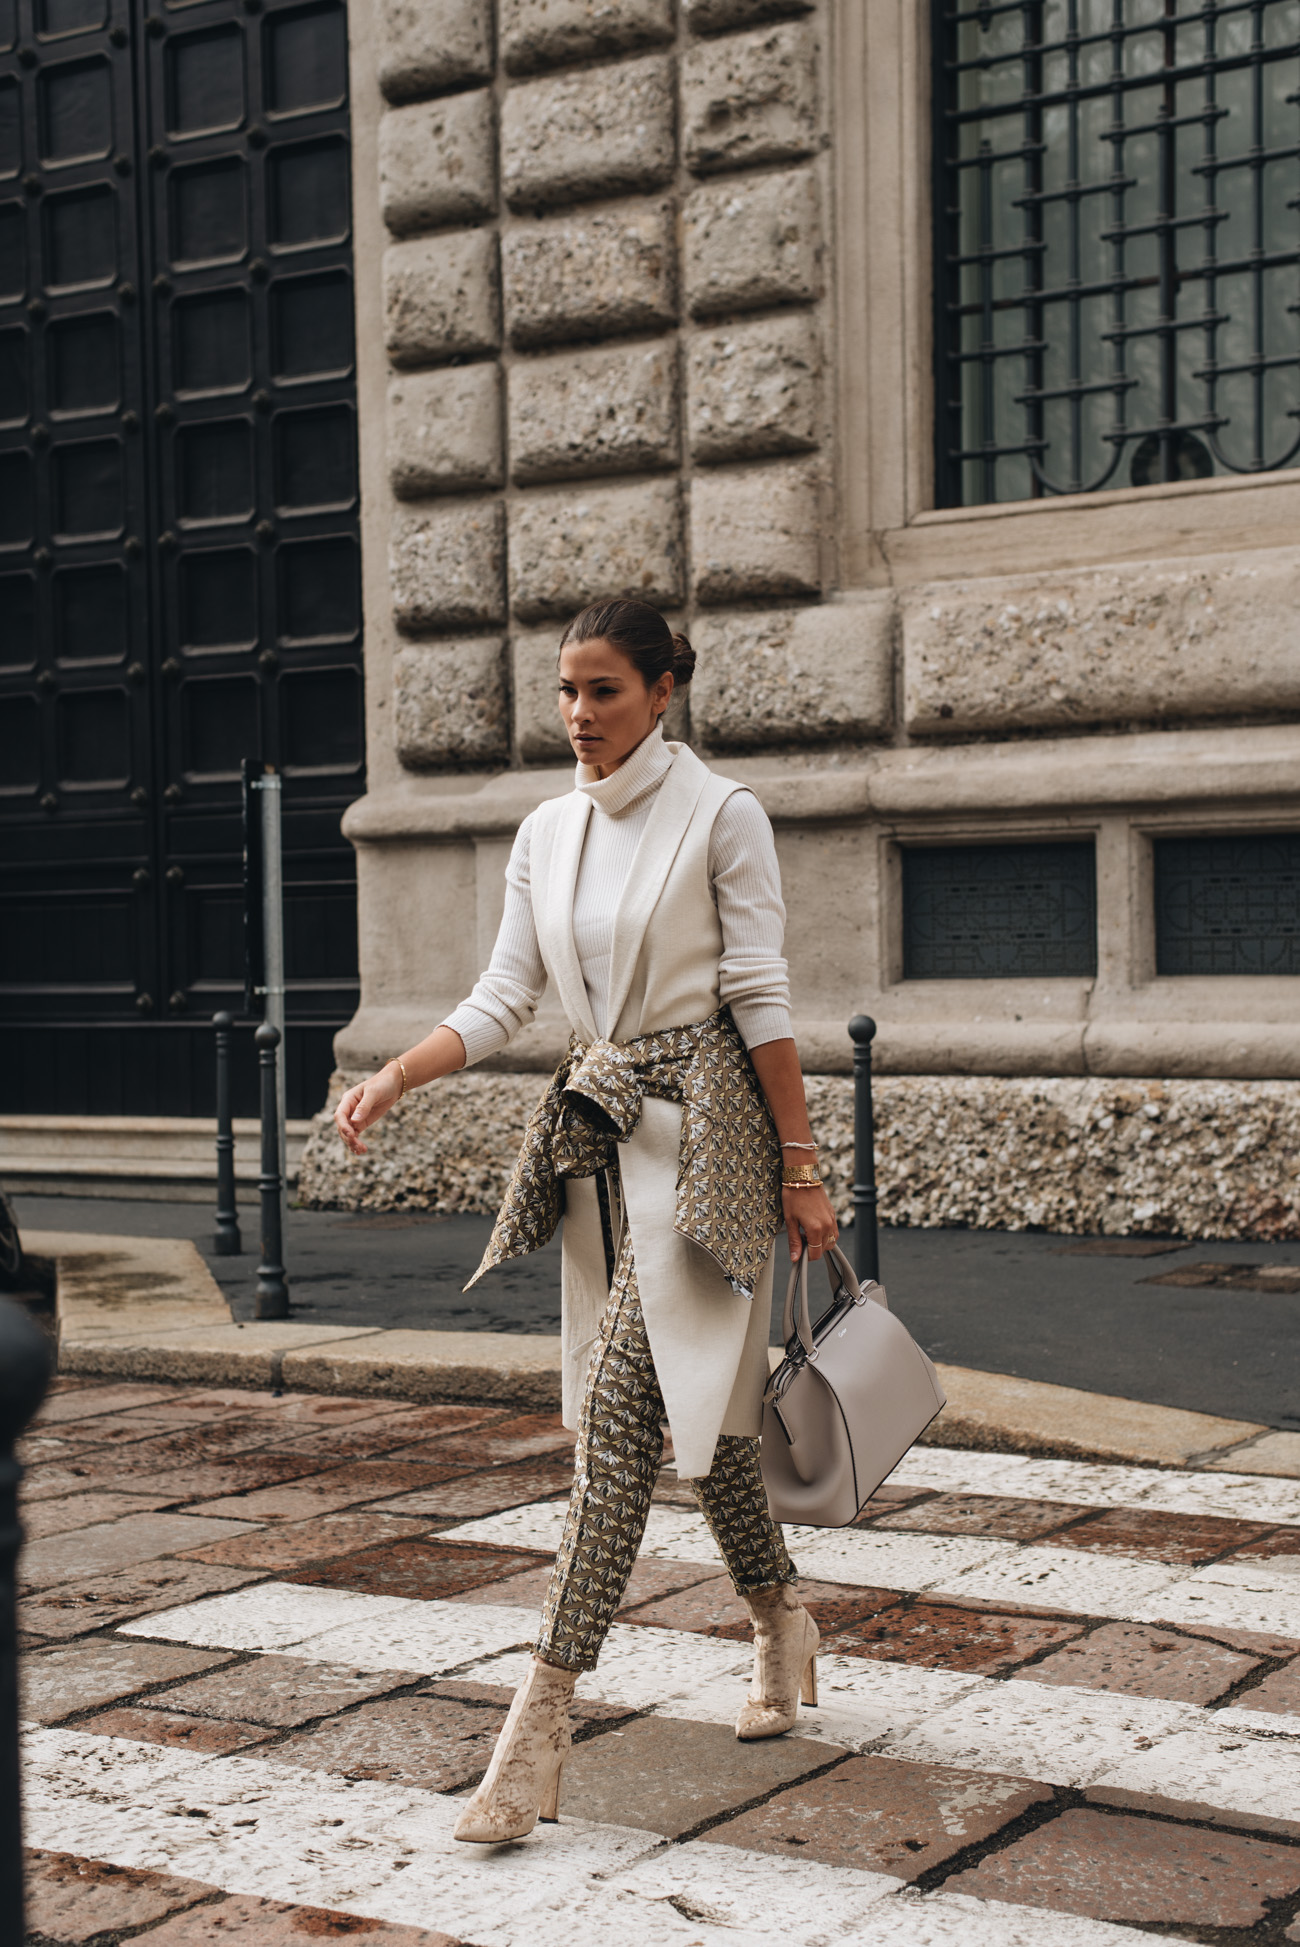 mode-bloggerin-nina-schwichtenberg-streetstyle-frühjahr-accessoire-trends-2018-Schmuck-handtaschen-fashiioncarpet